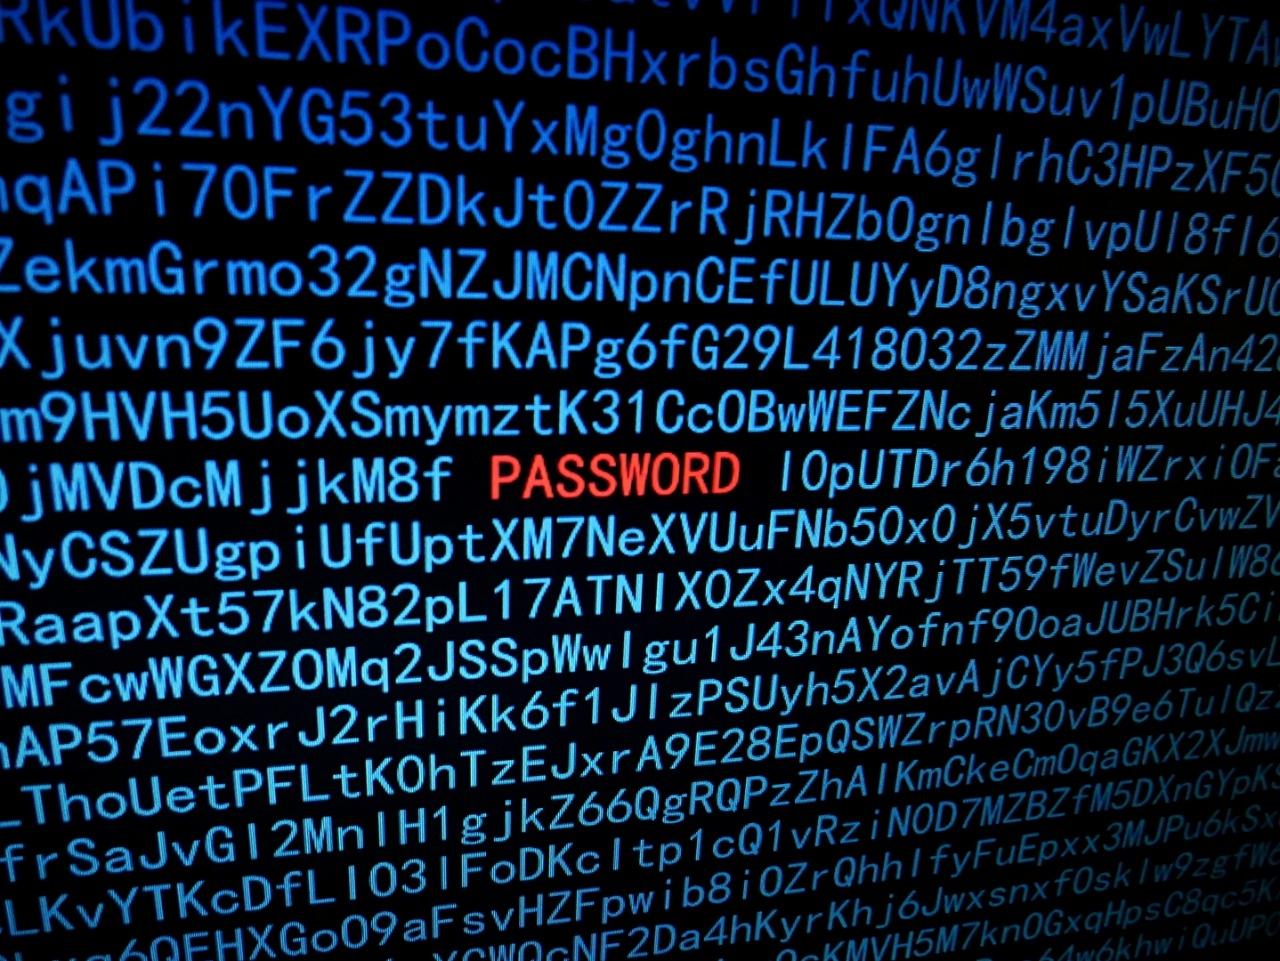 Tecnología al servicio: no todo es seguro en el internet